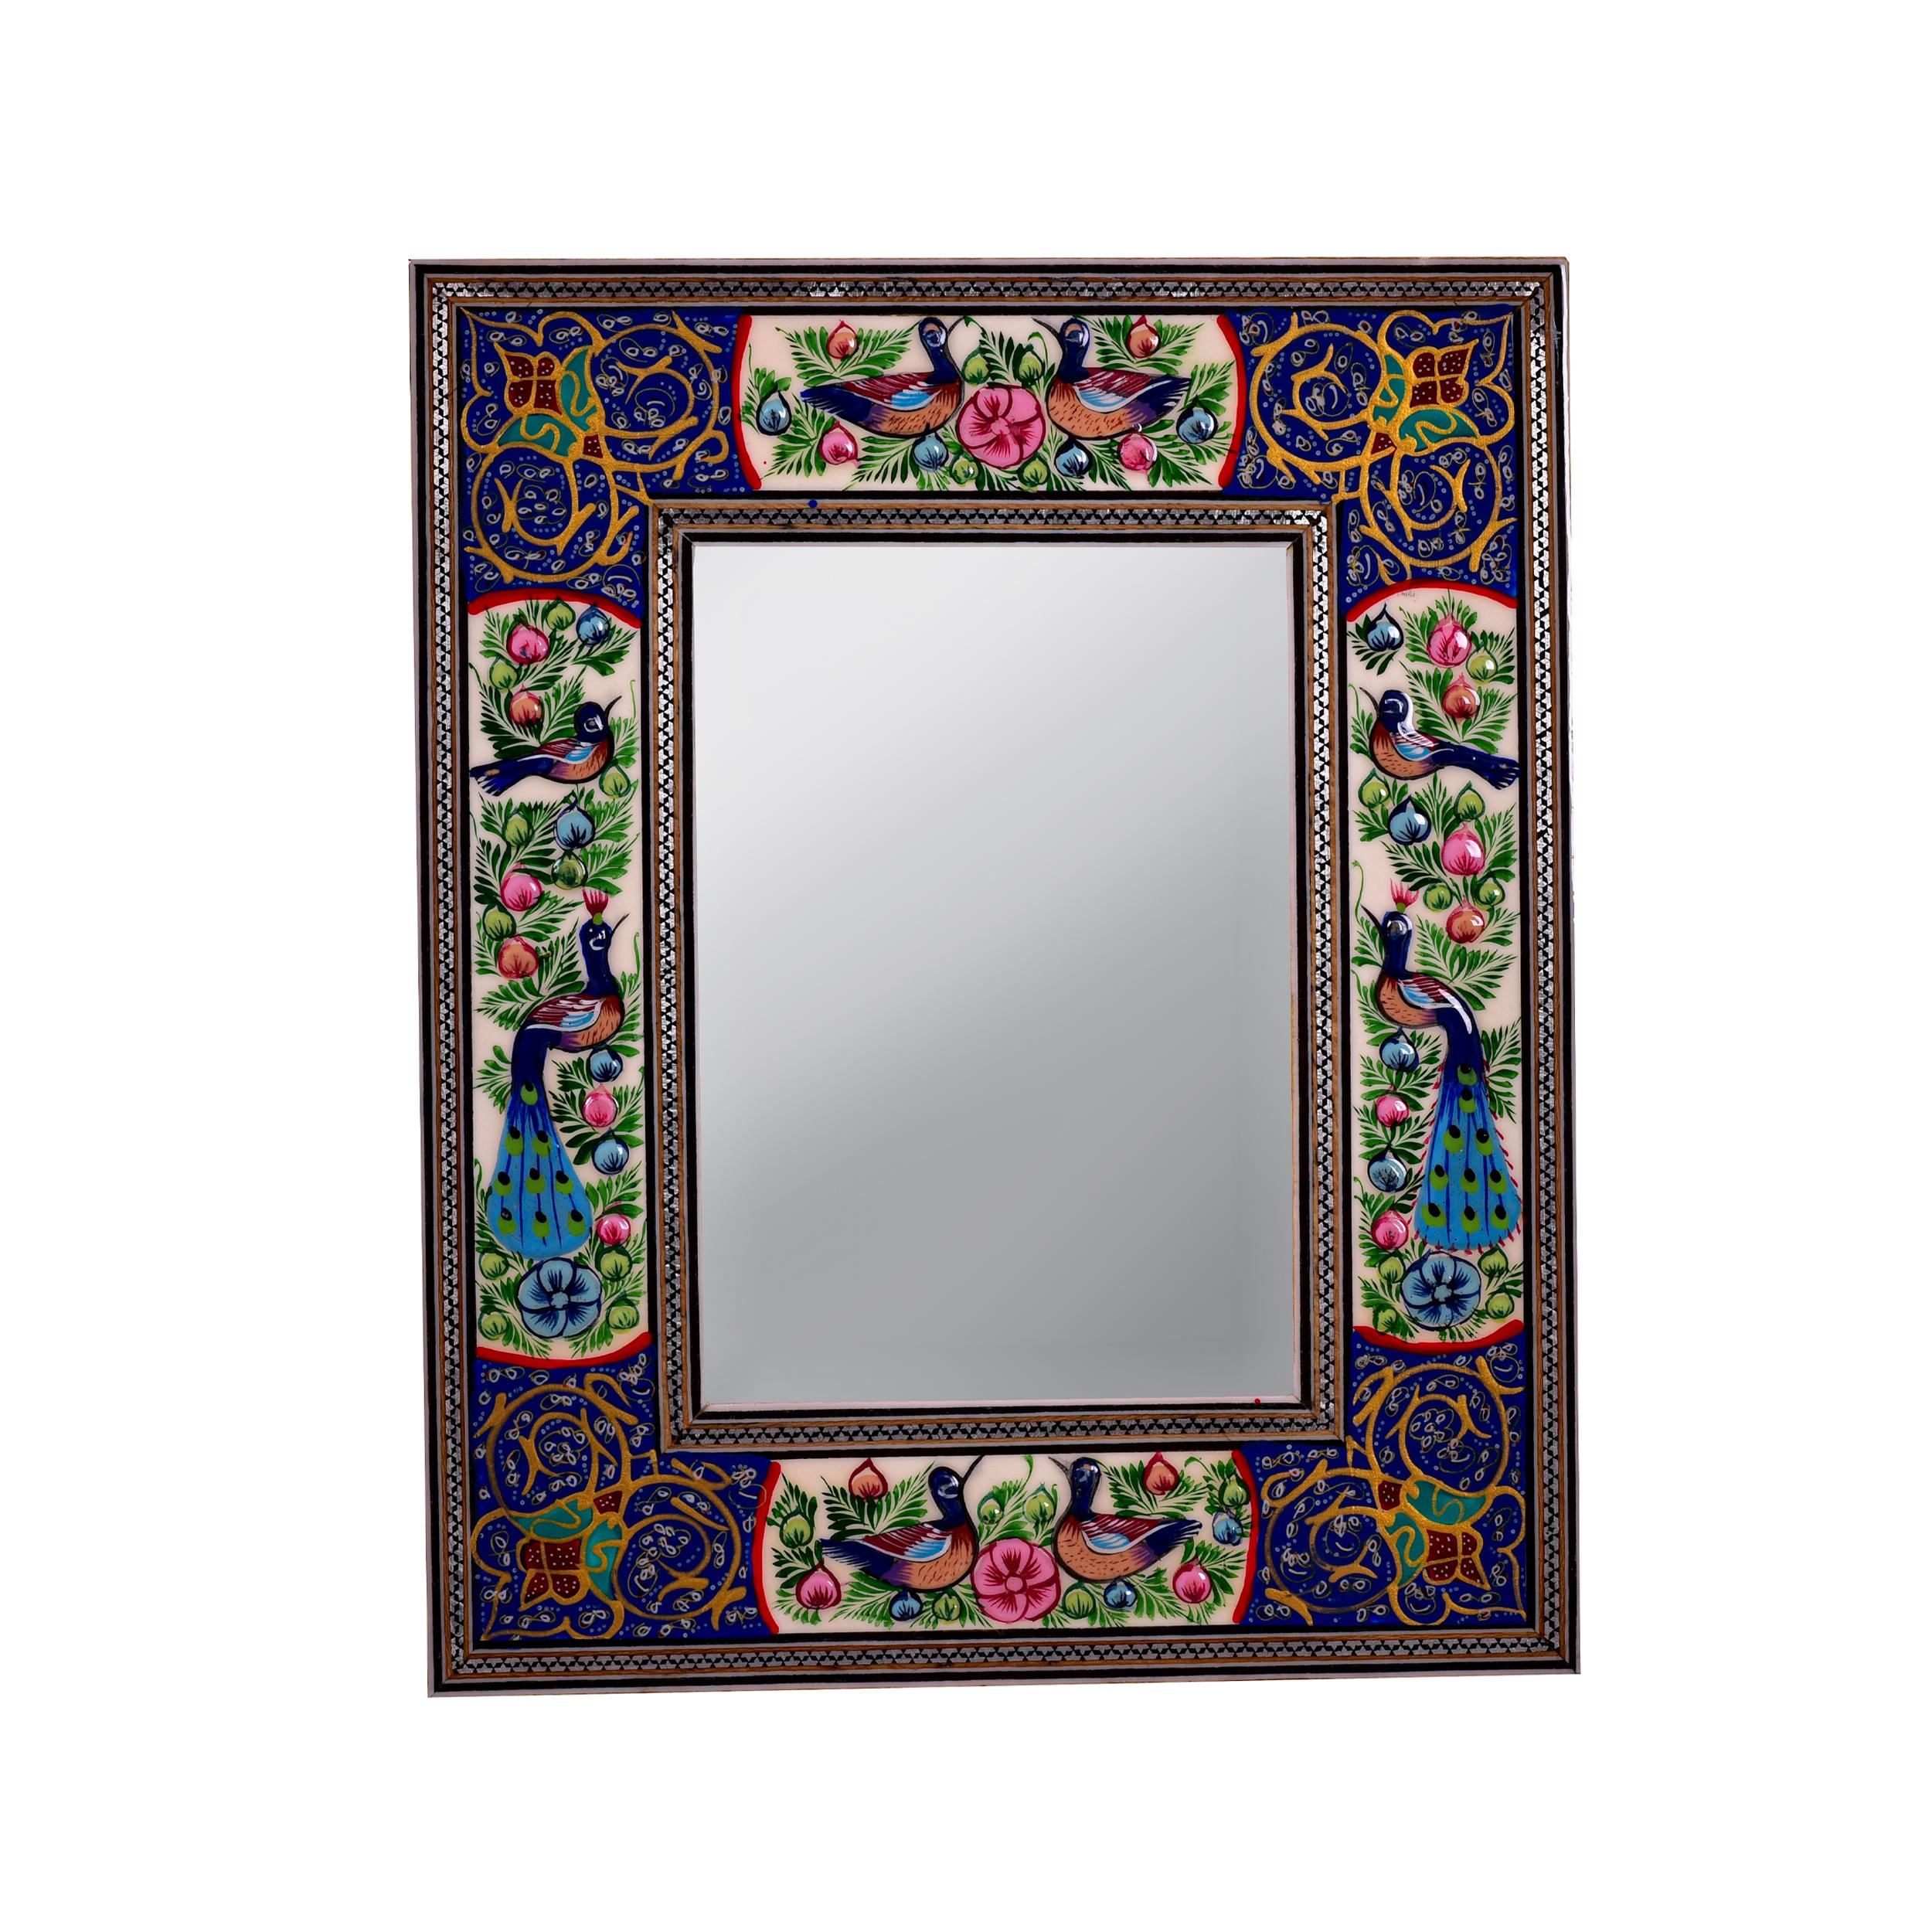 قاب آینه خاتم کاری مدل طاووس کد 2-1318